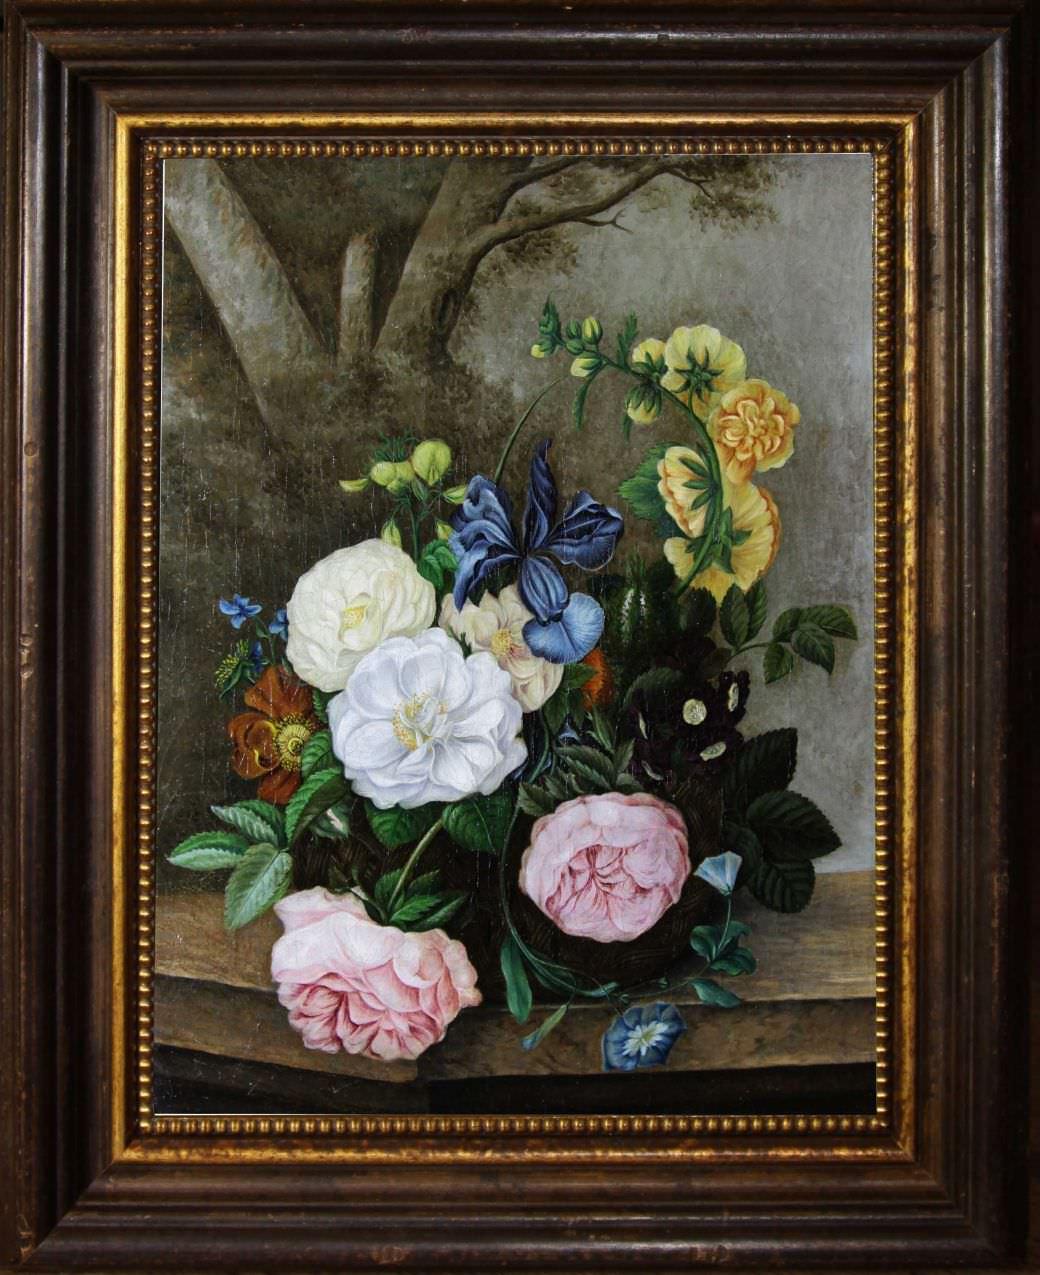 Старинный натюрморт с цветами. Западная Европа, 1821 год.